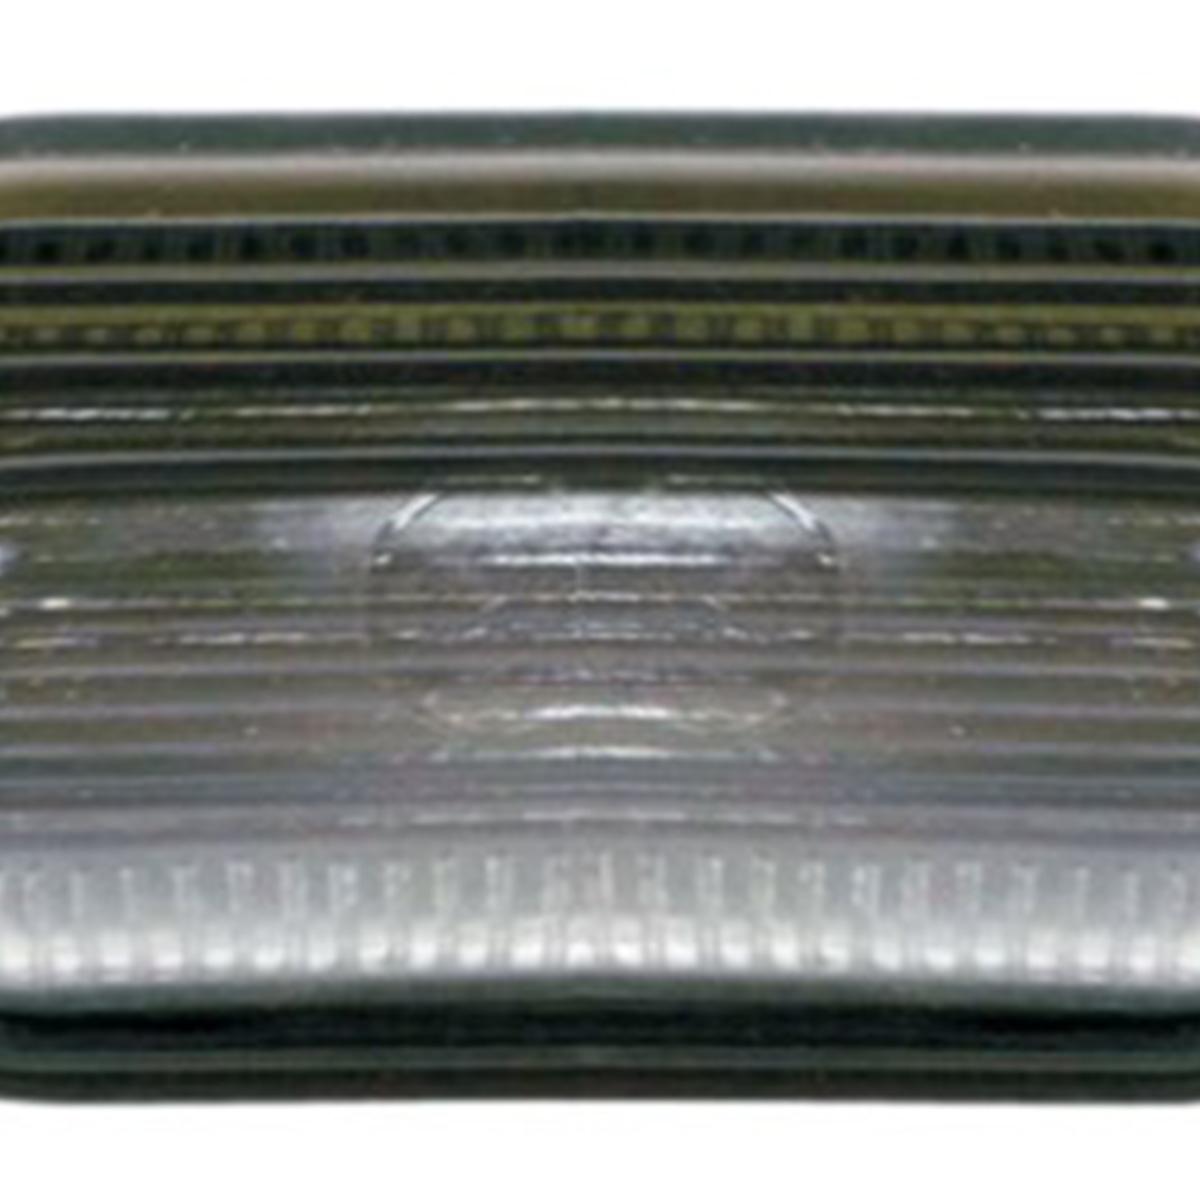 Tartaruga Oval 20cm Aluminio Pint. Epoxi E-27 1 Lamp. Max 60w Meia Cana Preta